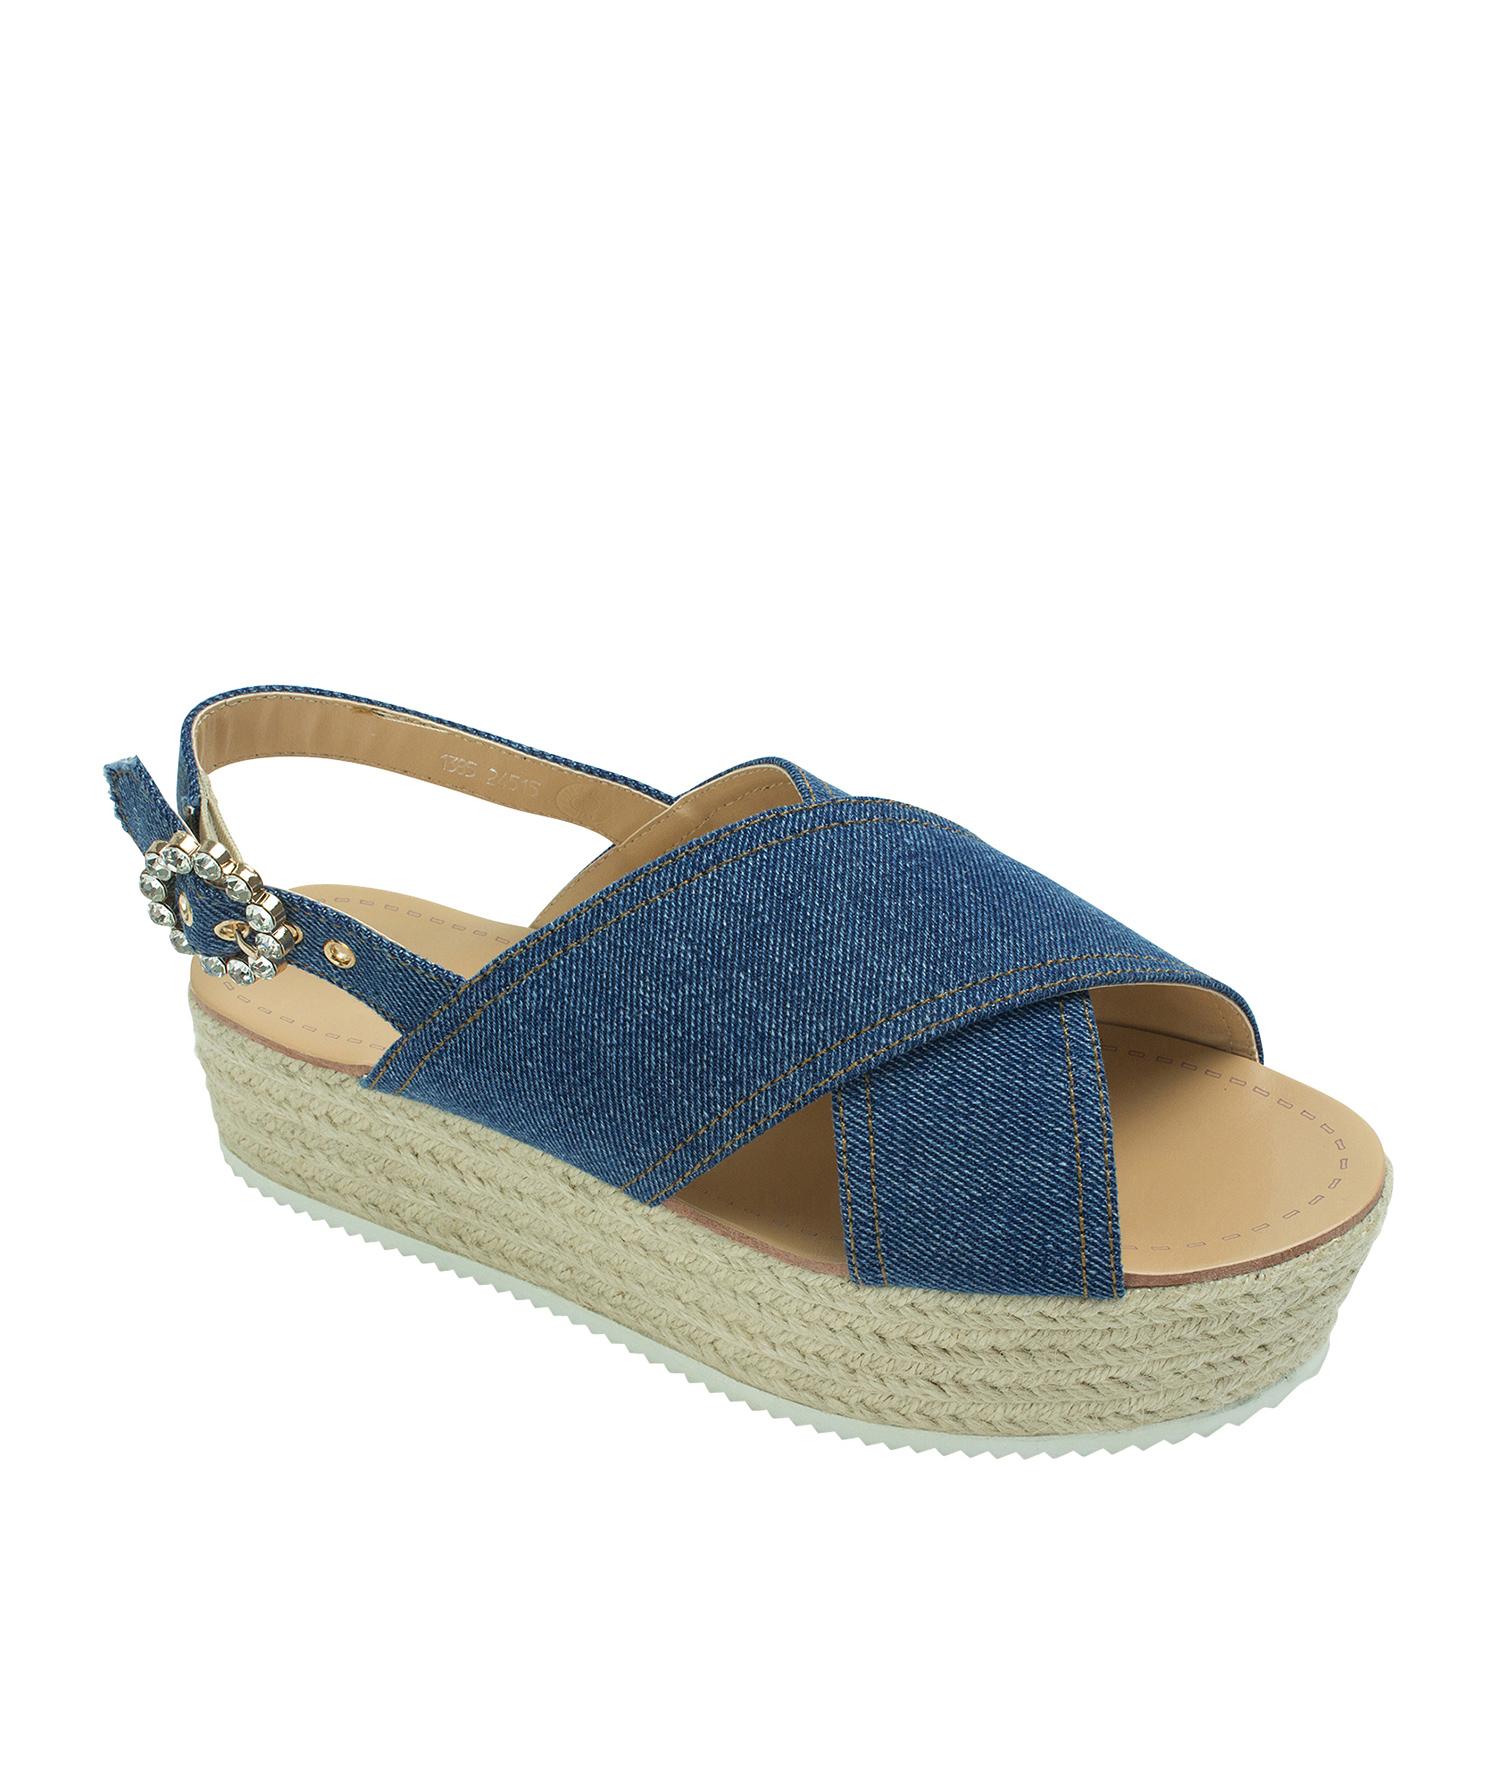 2b18379a07c Crisscross Platform Espadrille Sandals